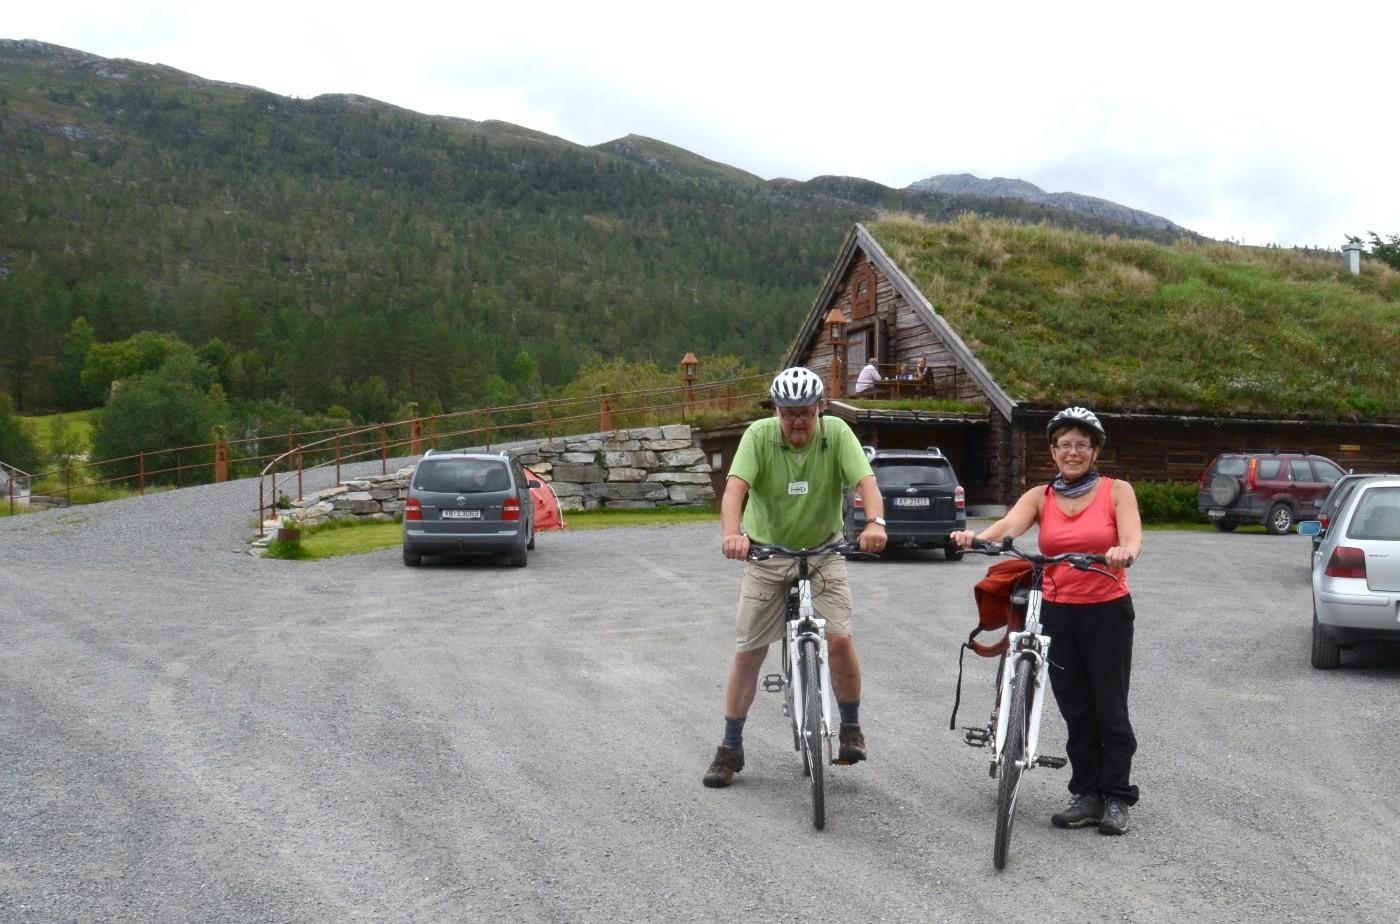 Dordi og Hans tok turen til Kårvatn på sykkel.  Foto: Jon Olav Ørsal